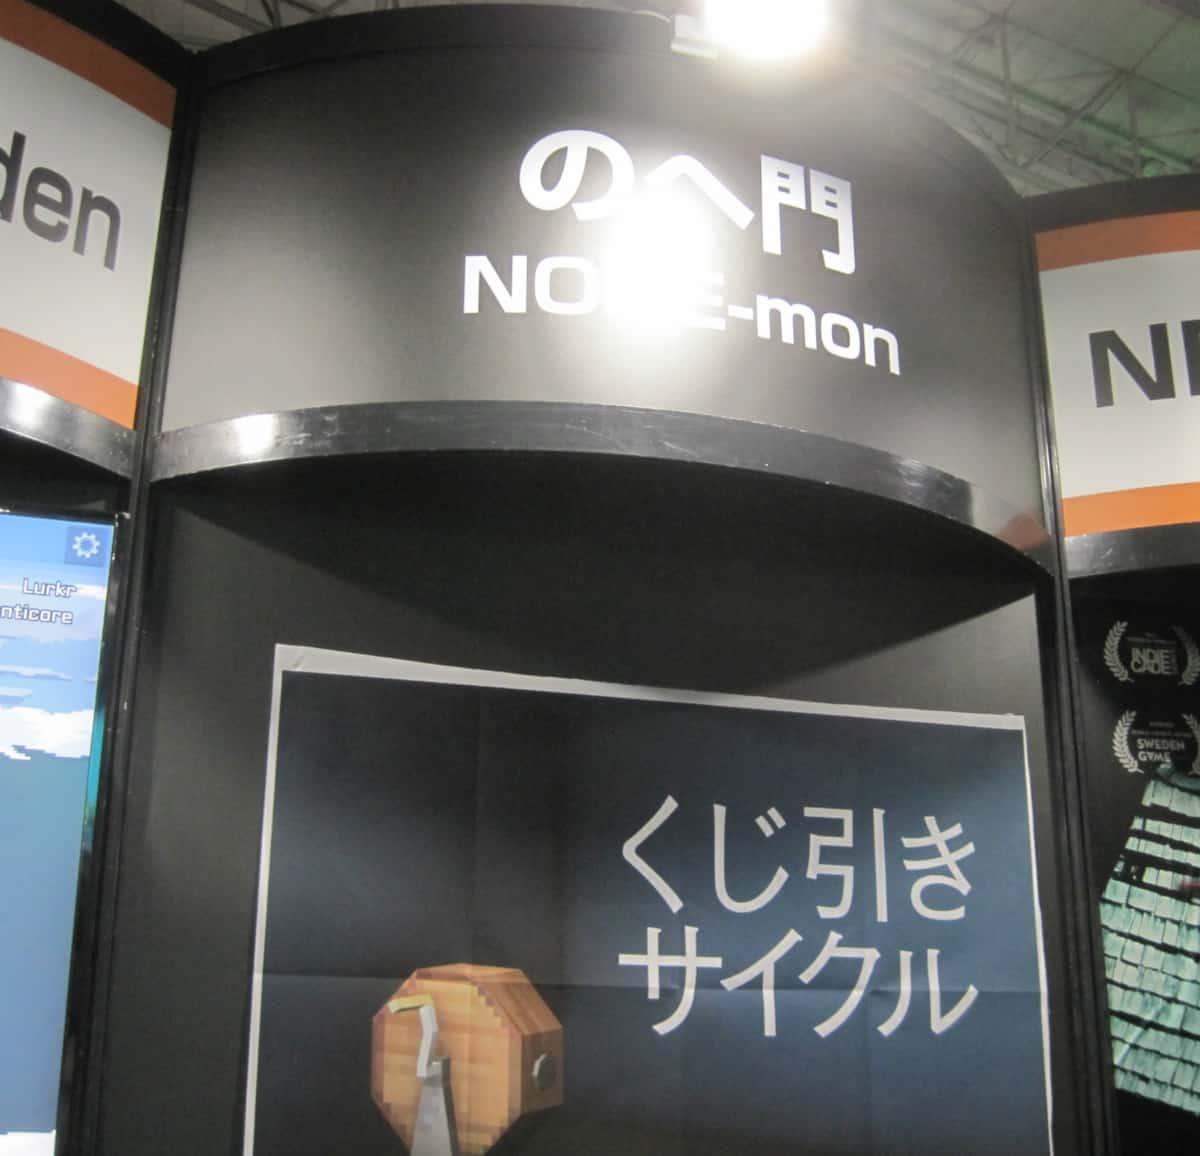 「東京ゲームショウ」のへ門の「くじ引きサイクル」のブーム